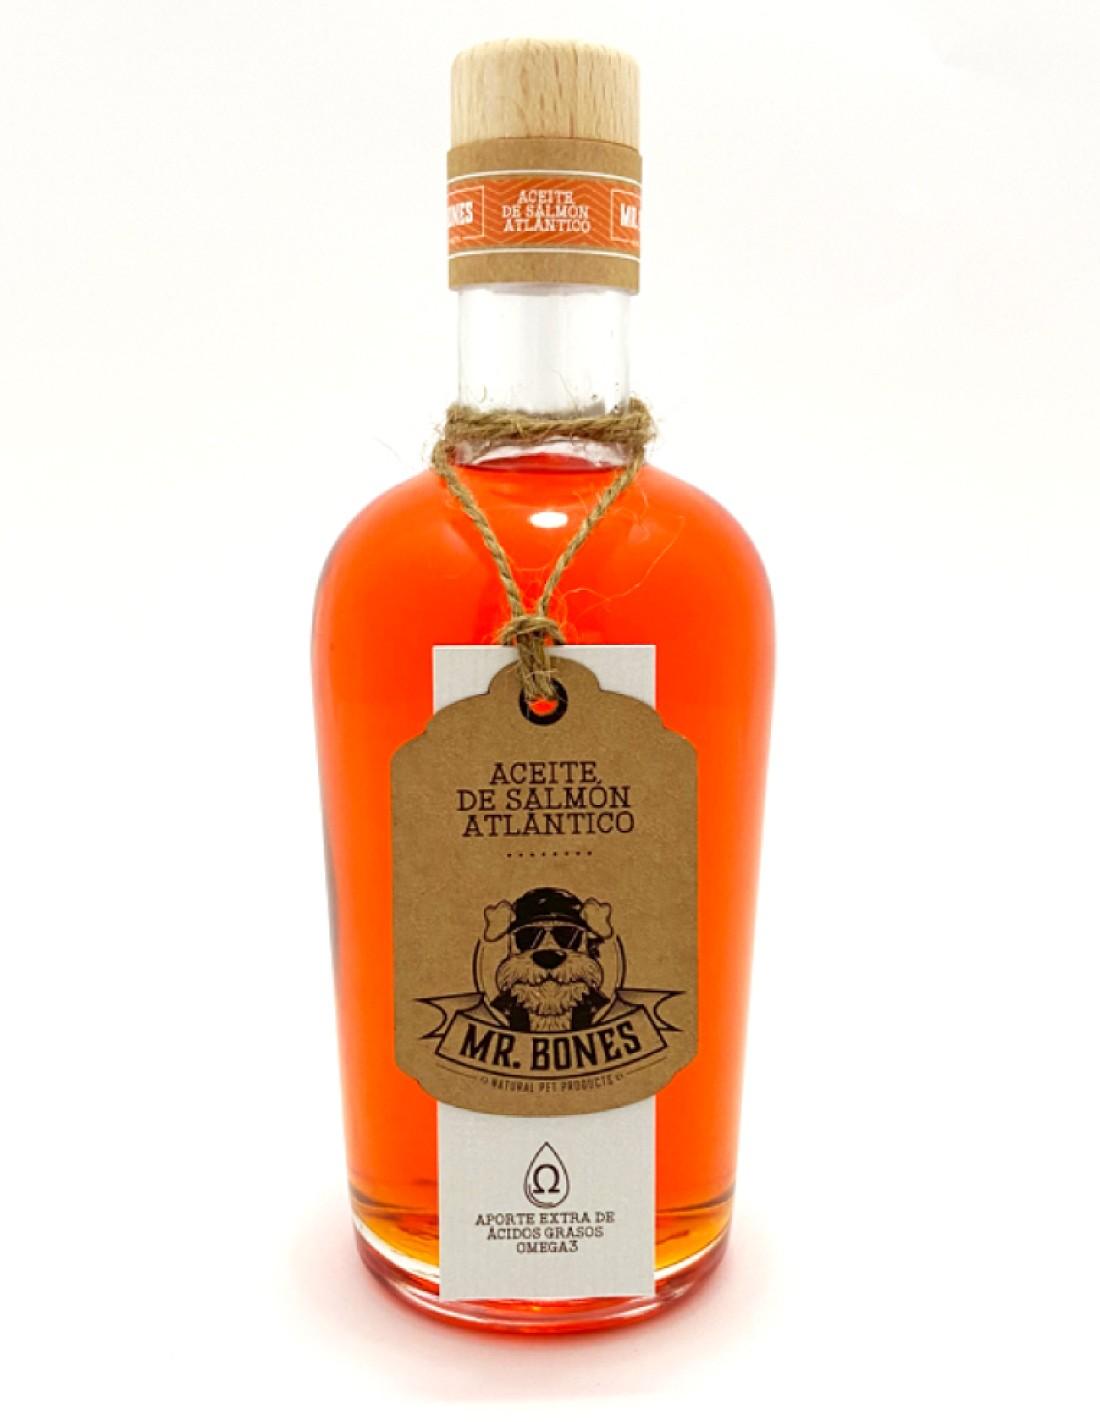 Aceite de Salmón Atlántico (375 ml) en Botella de Vidrio